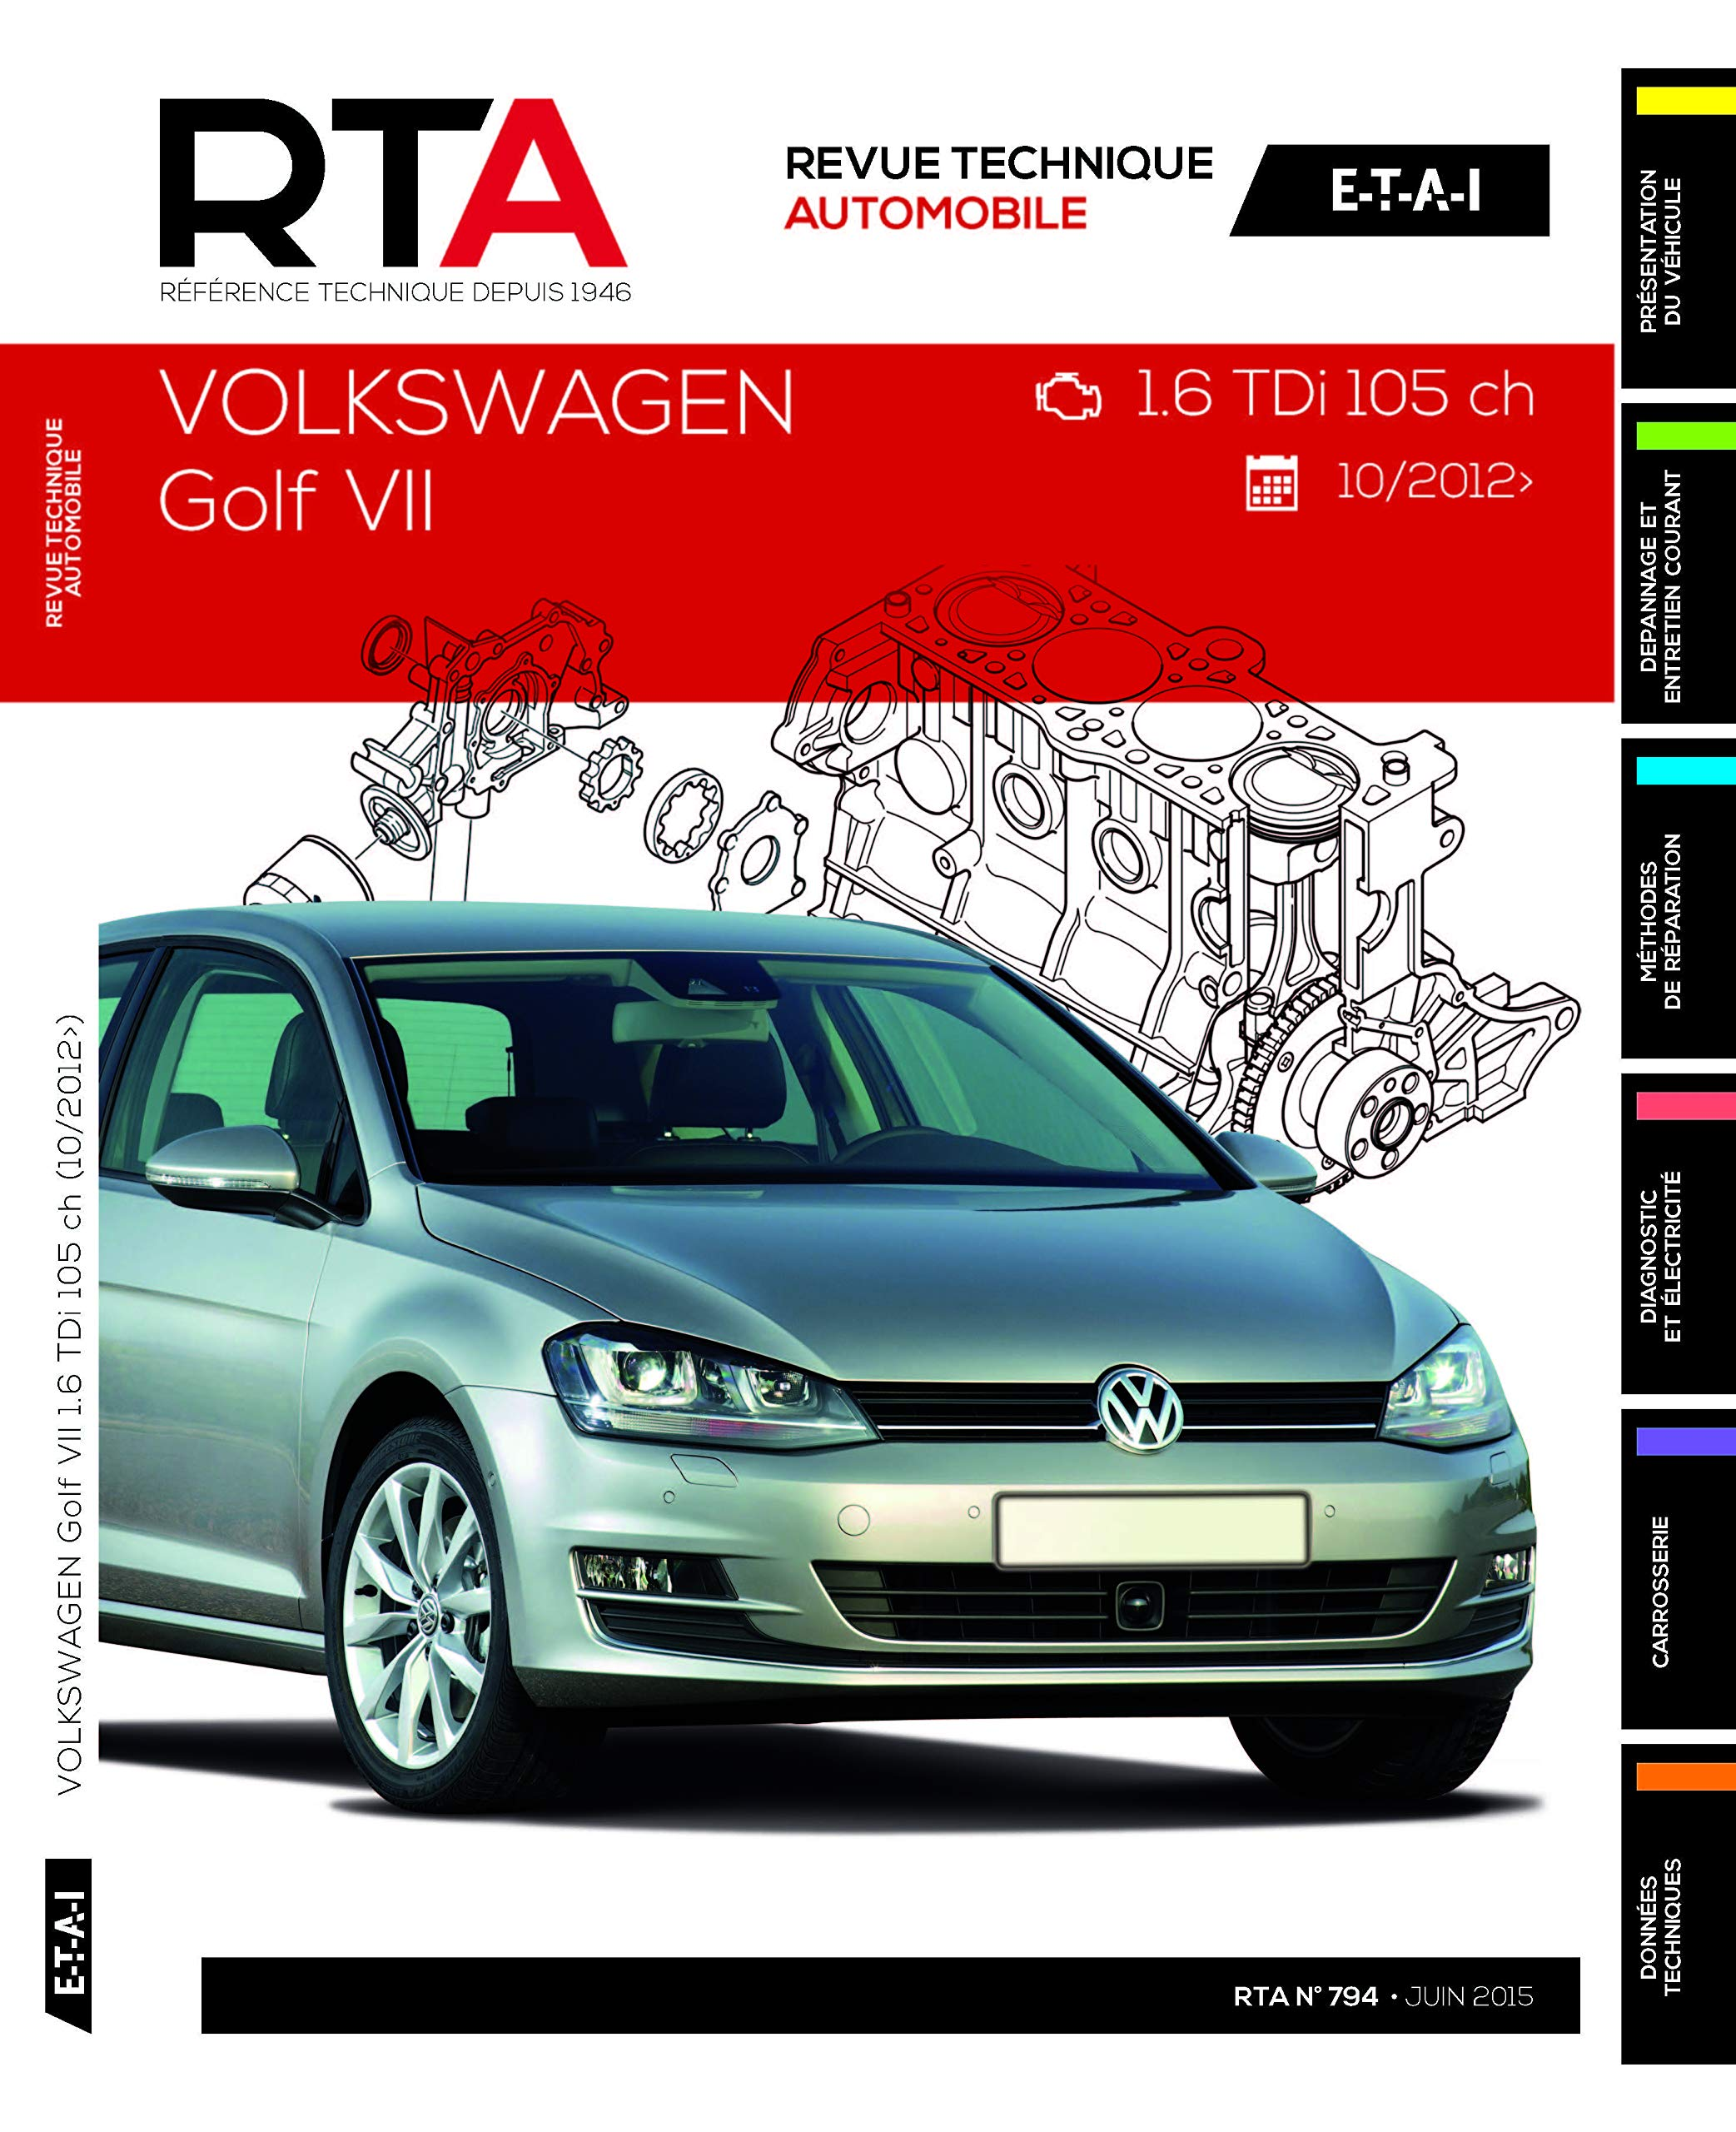 Rta B794 Volkswagen Golf Vii 1 6 Tdi 105 Ch 10 2012 Etai Fremdsprachige Bücher